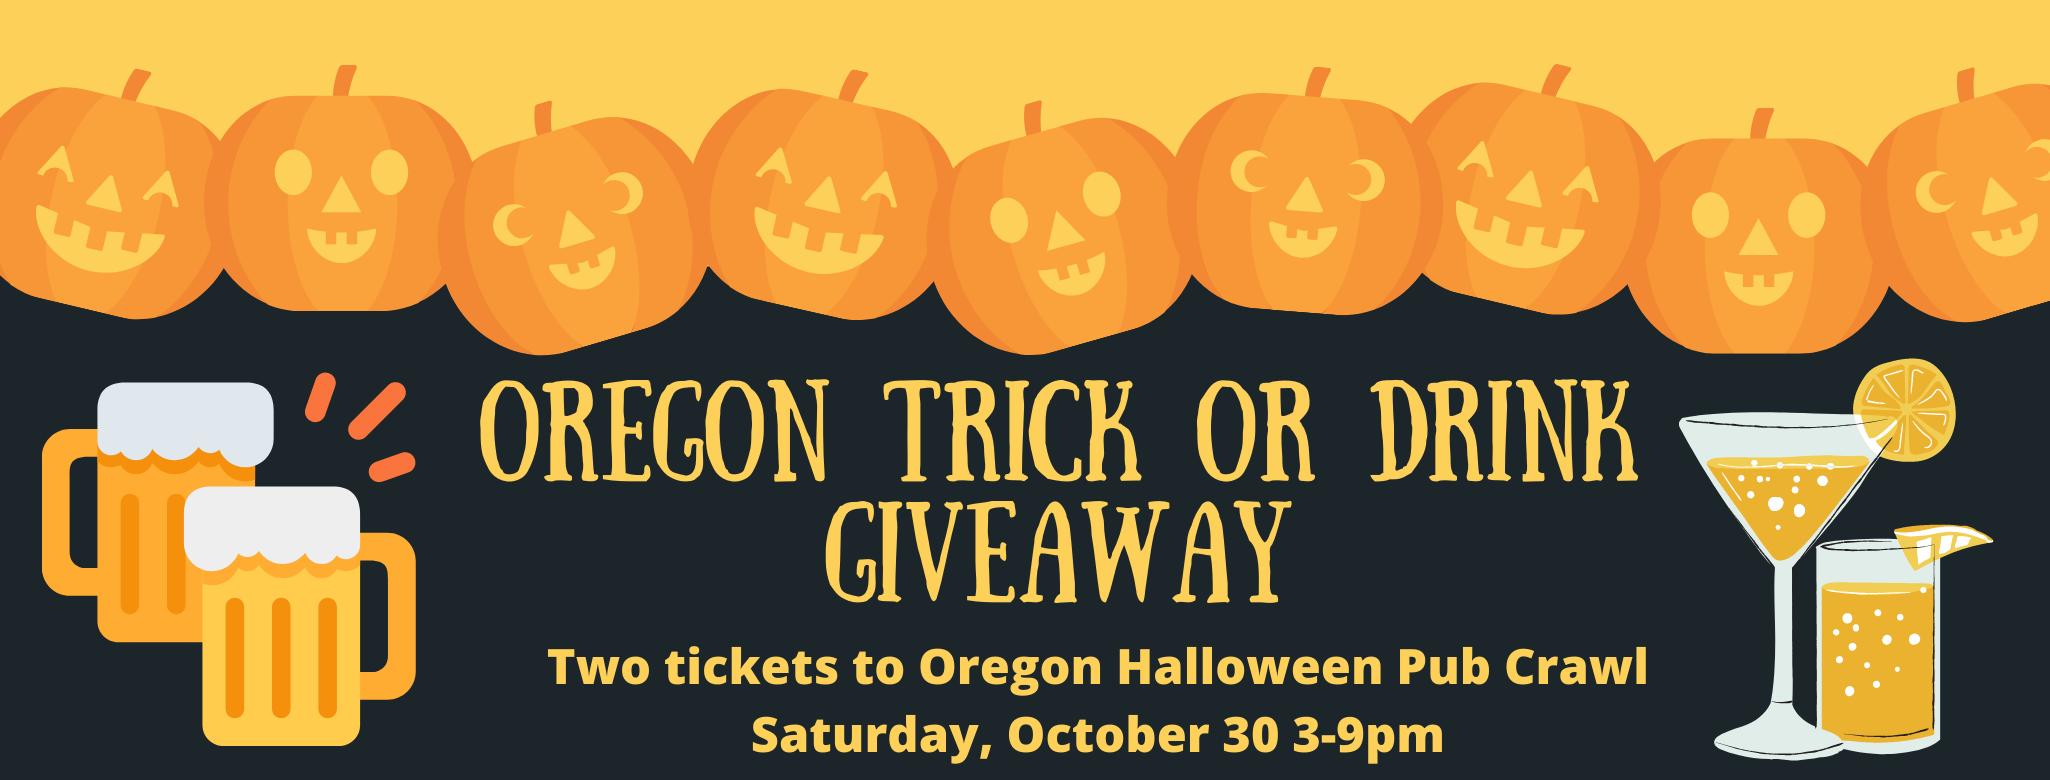 Oregon Trick or Drink Giveaway